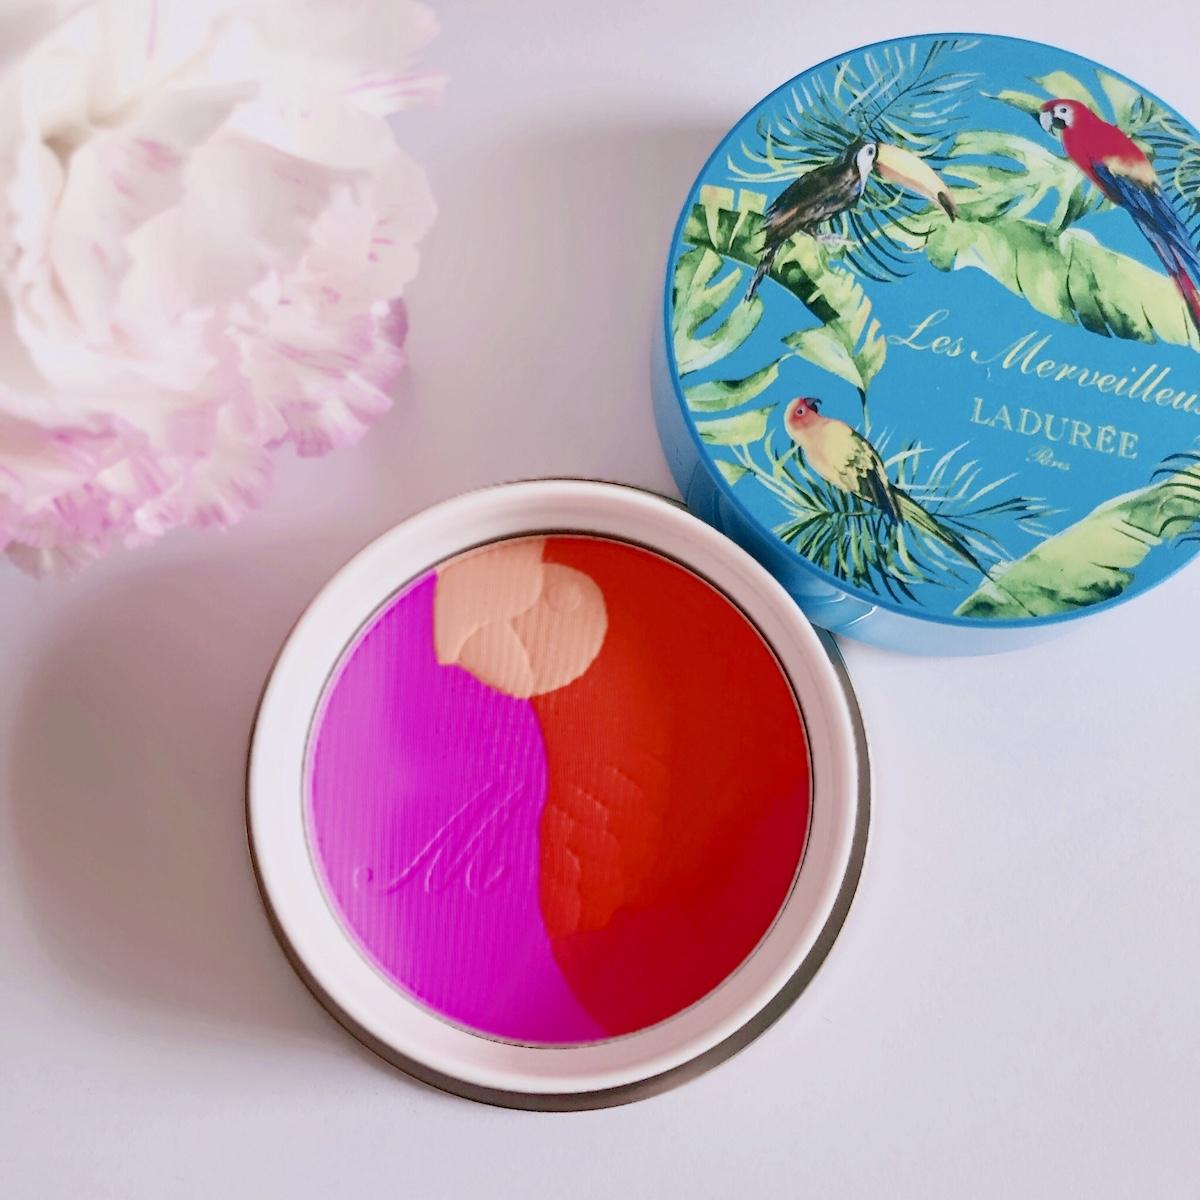 ちなみにパイナップルの香りです。ミックスド チークカラー 101 Amoureux ¥4,800*4月26日限定発売(レ・メルヴェイユーズ ラデュレ)